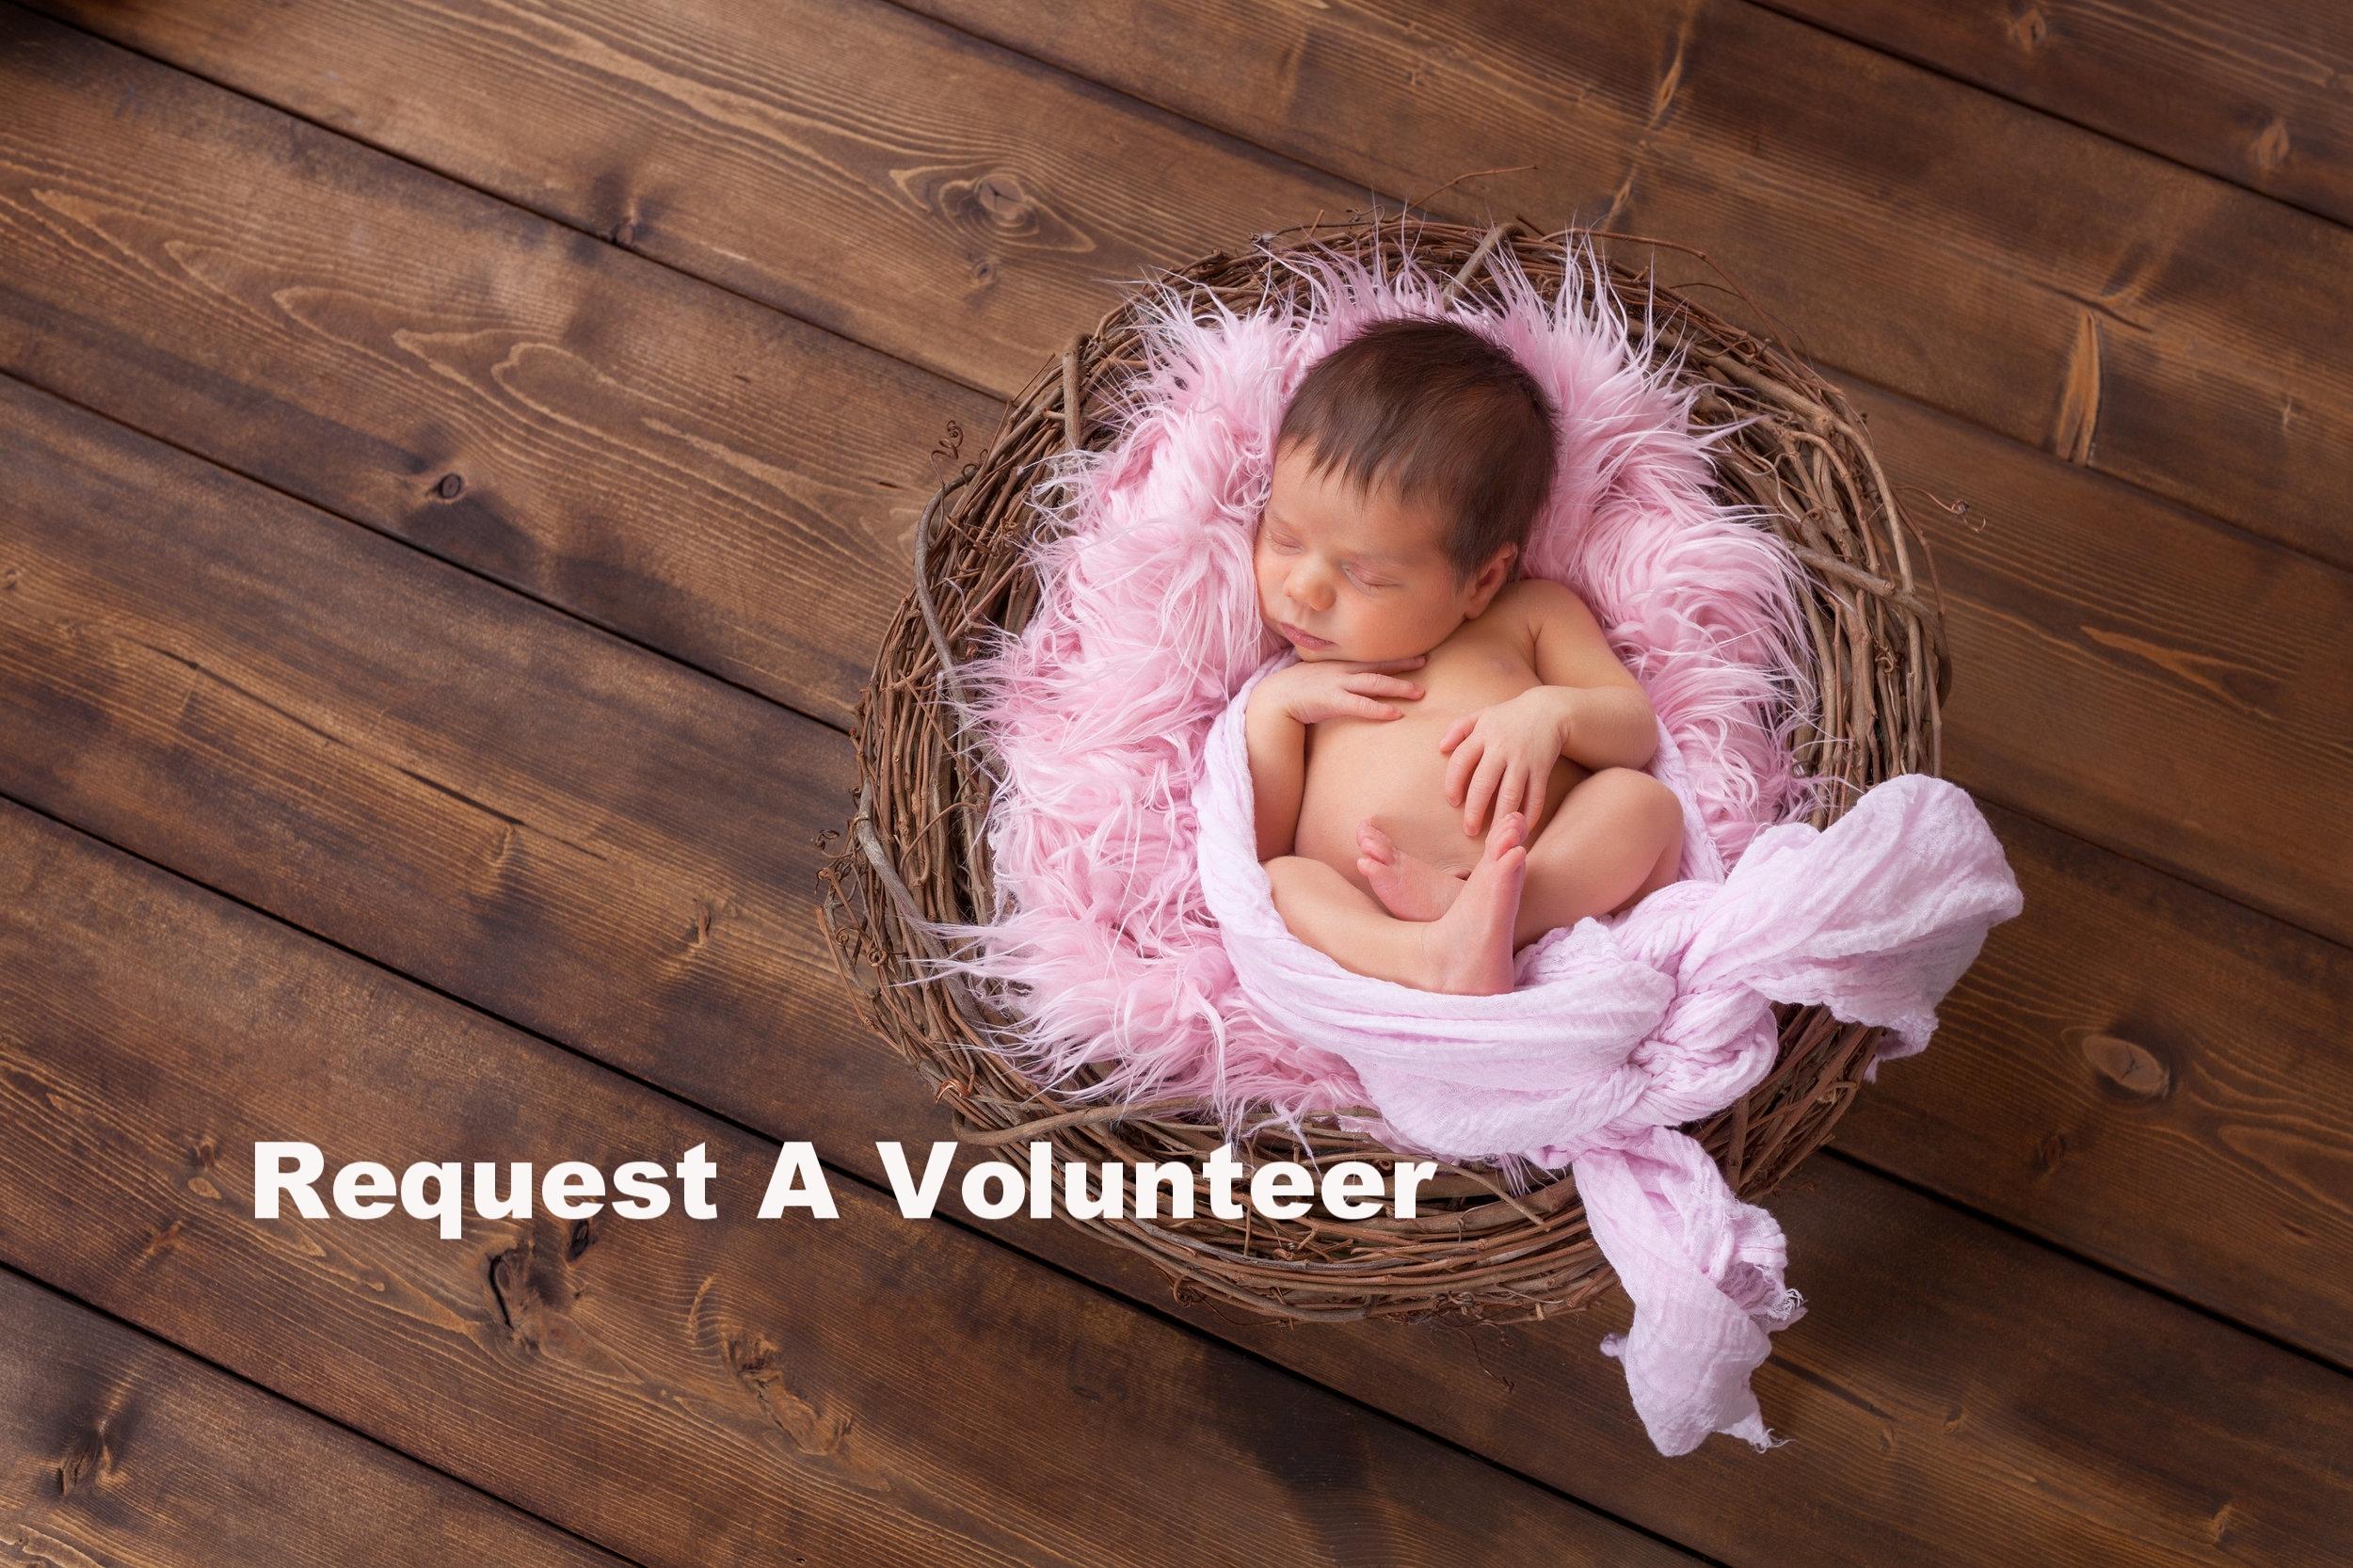 Request A Volunteer